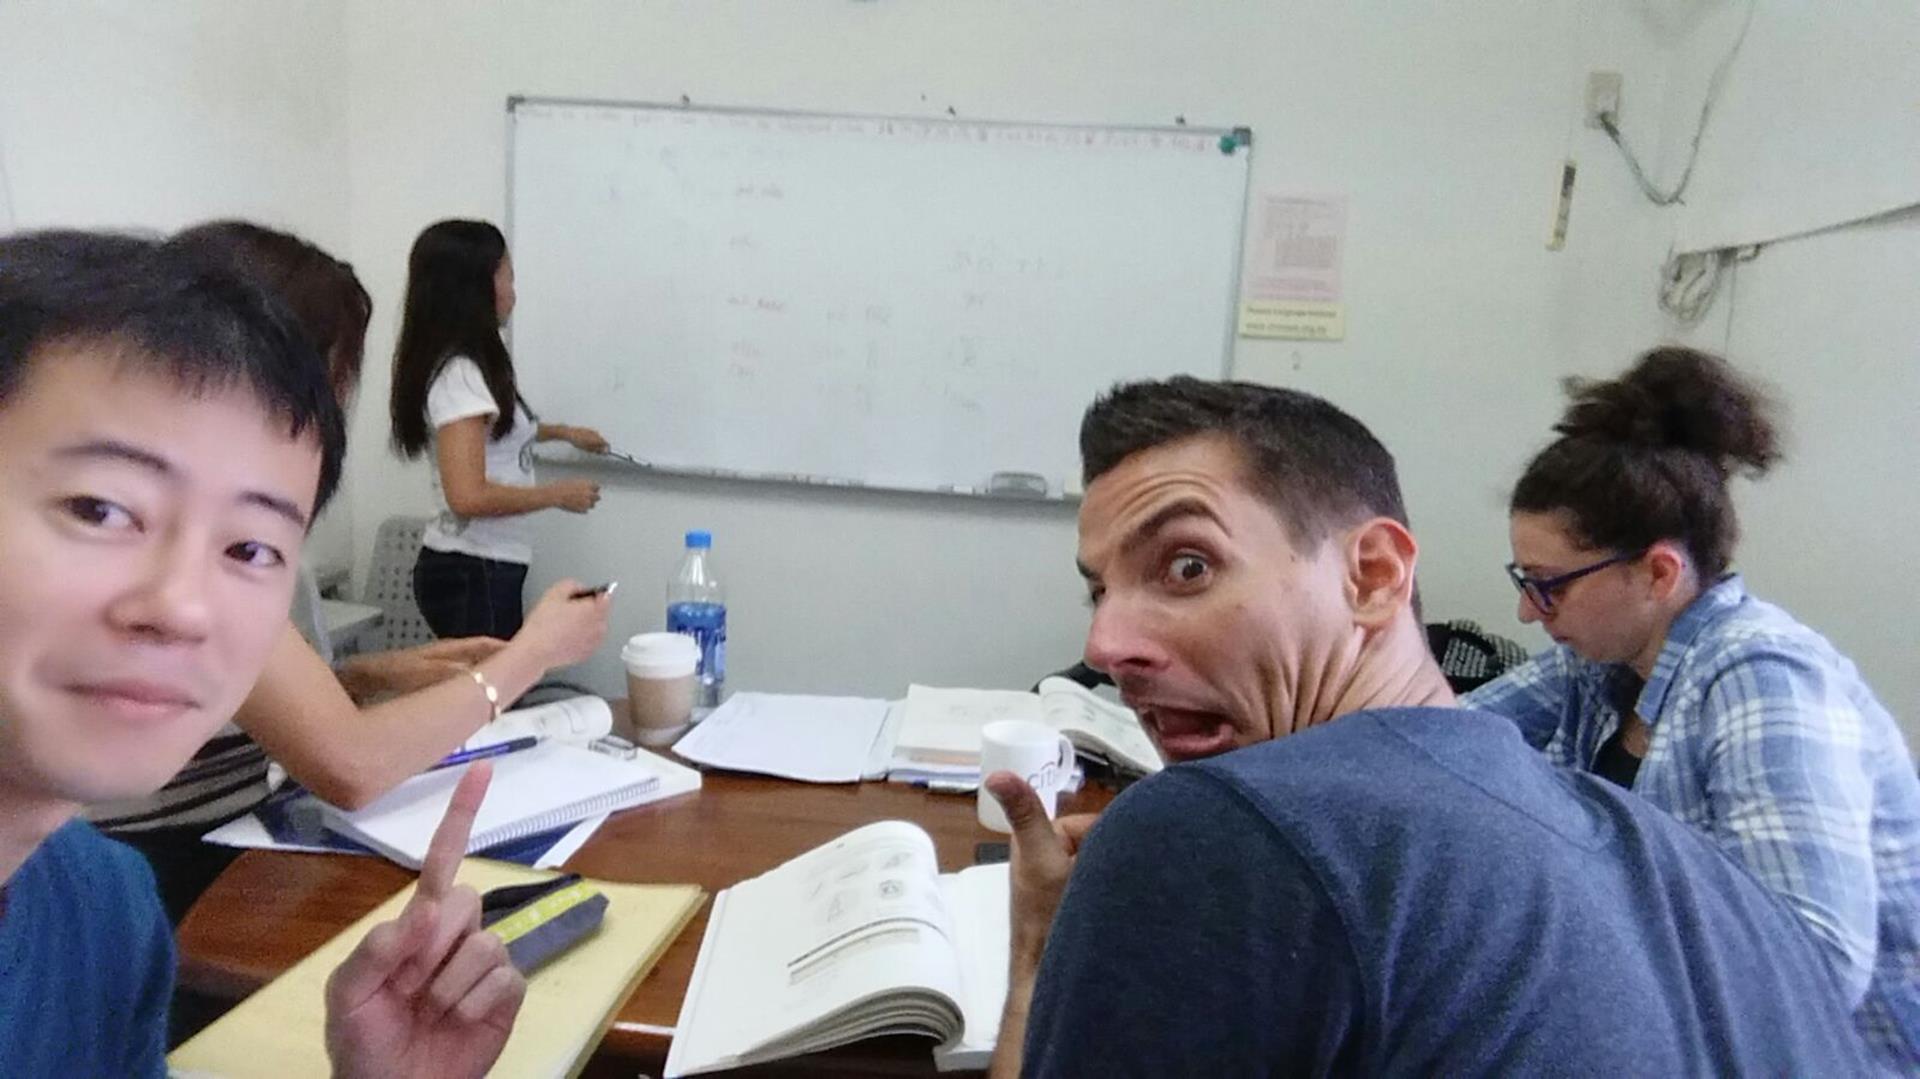 Der Unterricht in der Sprachschule ist weniger schlimm als man meinen könnte